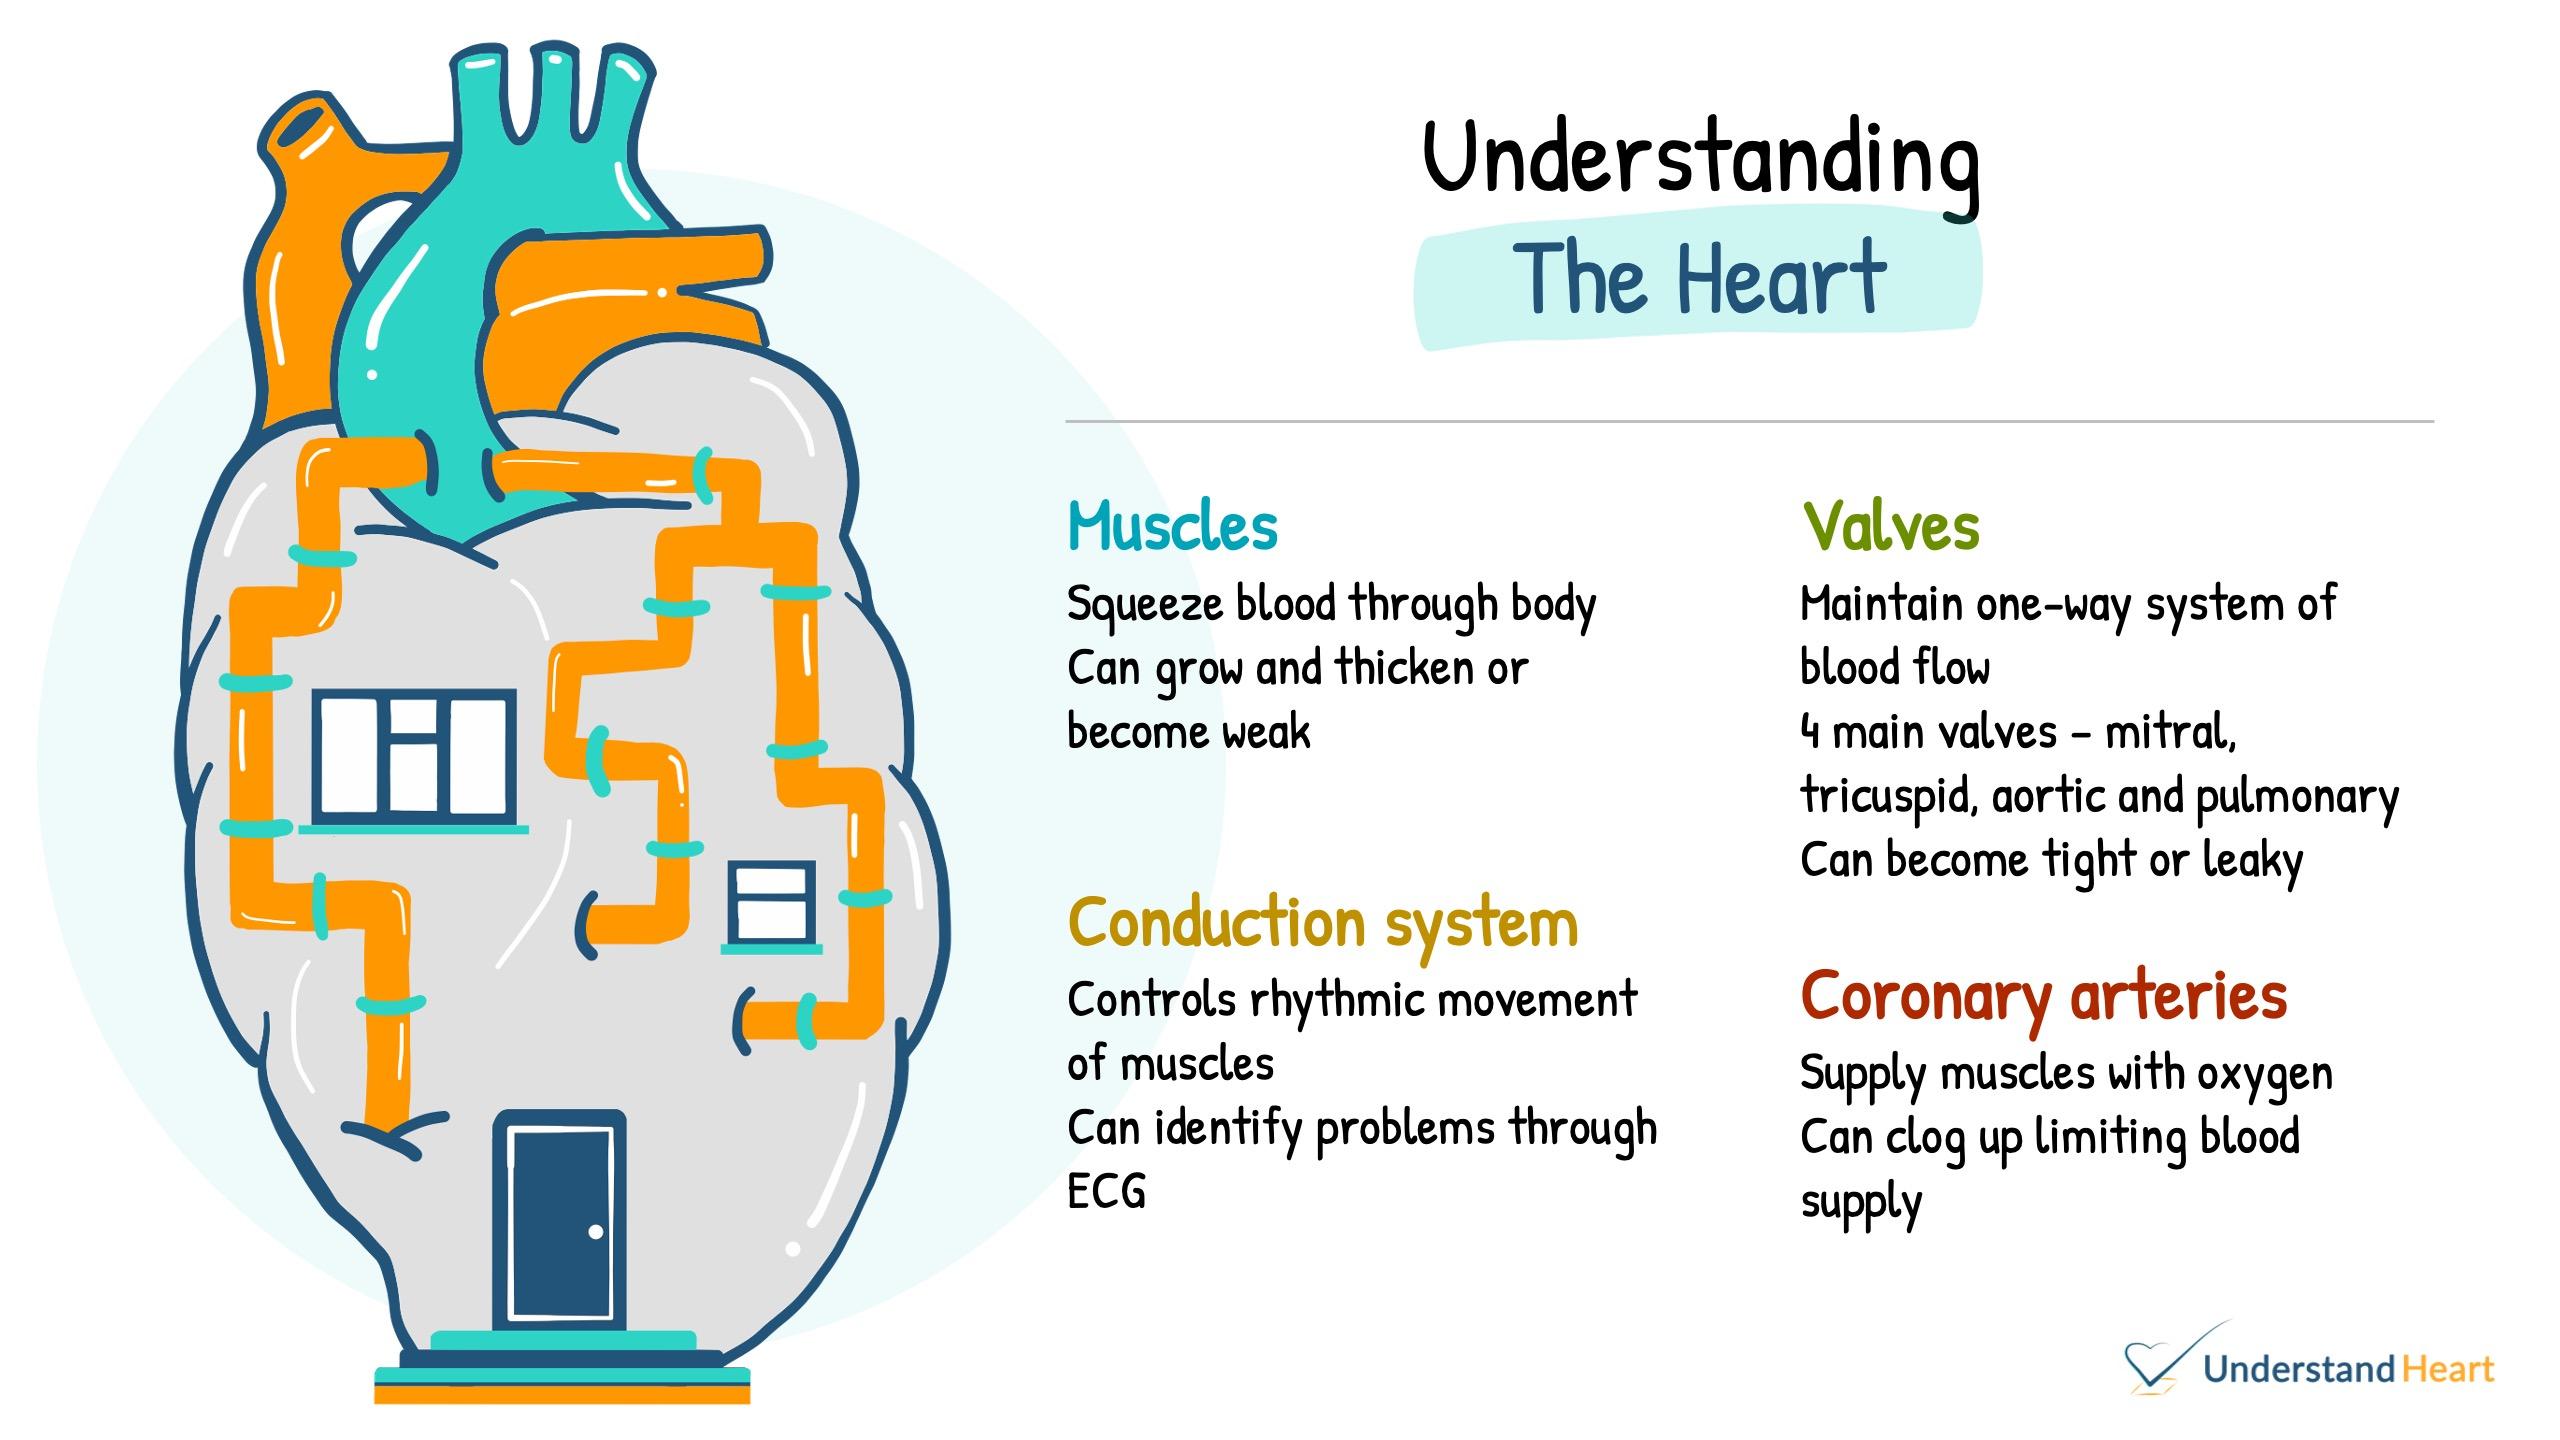 visual summary understand heart